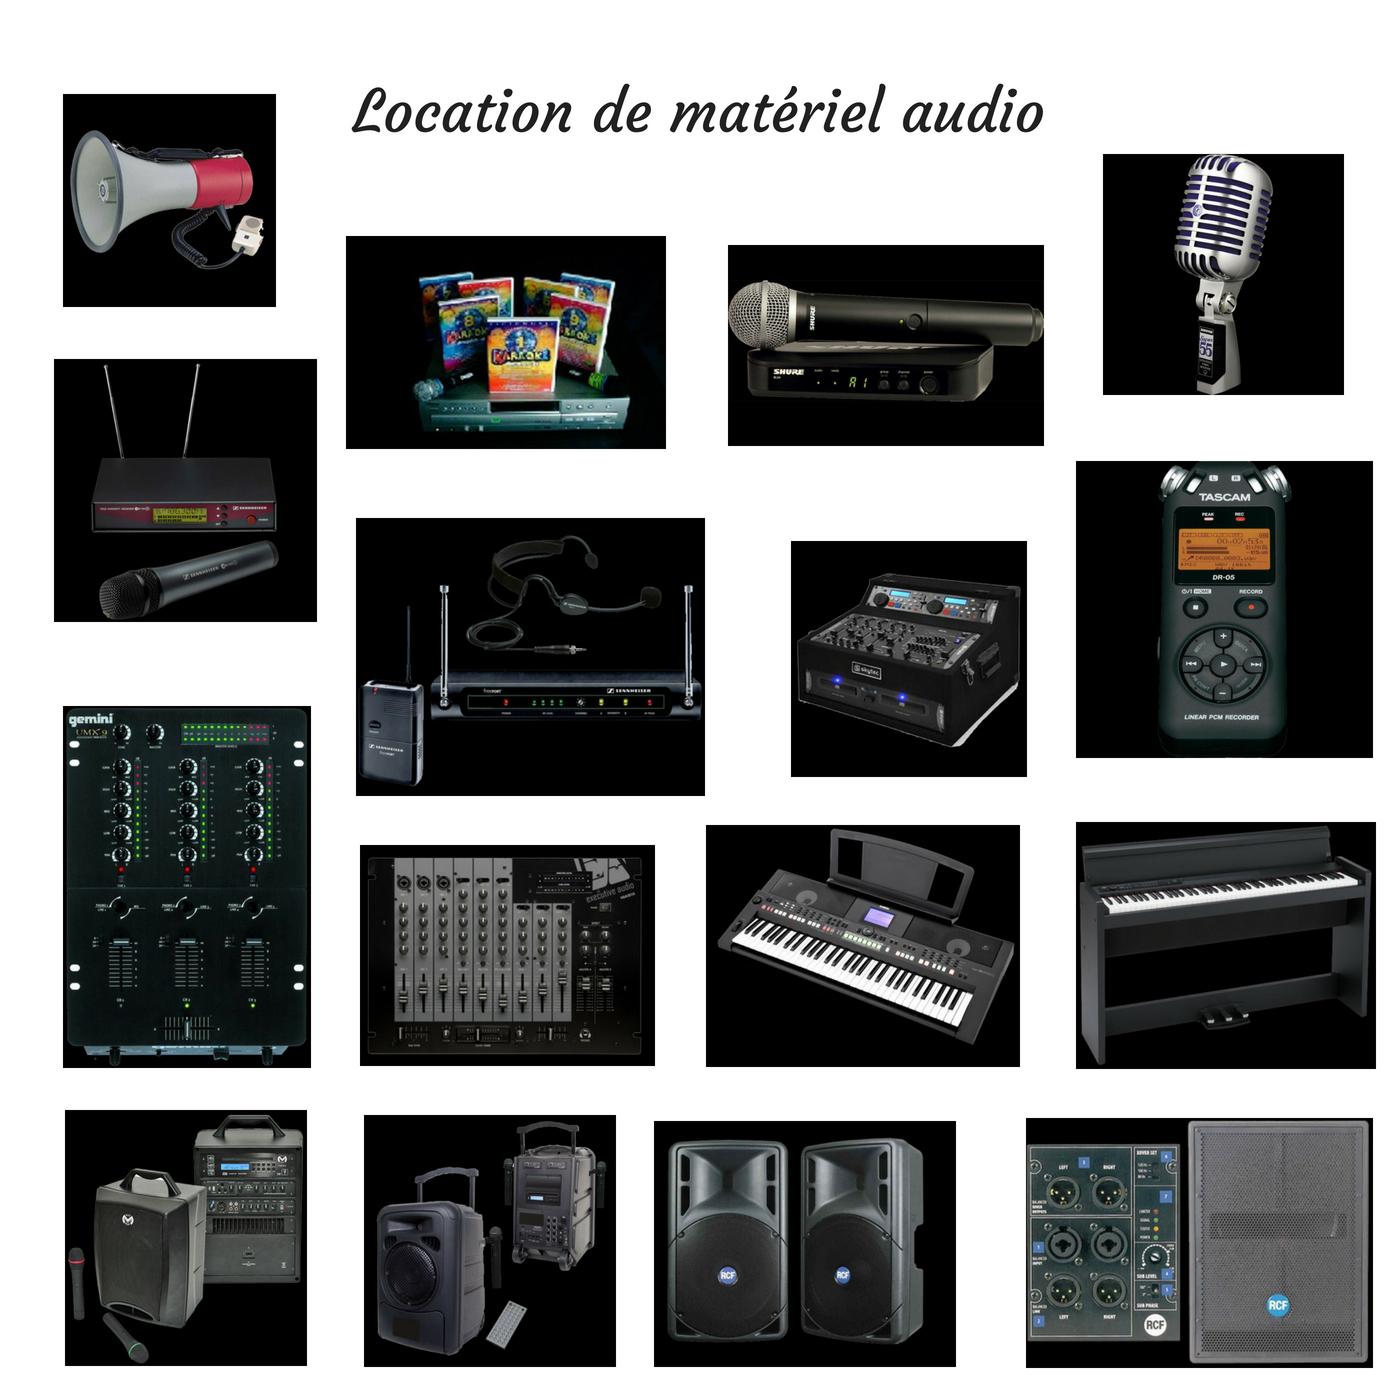 Location de matériel audio